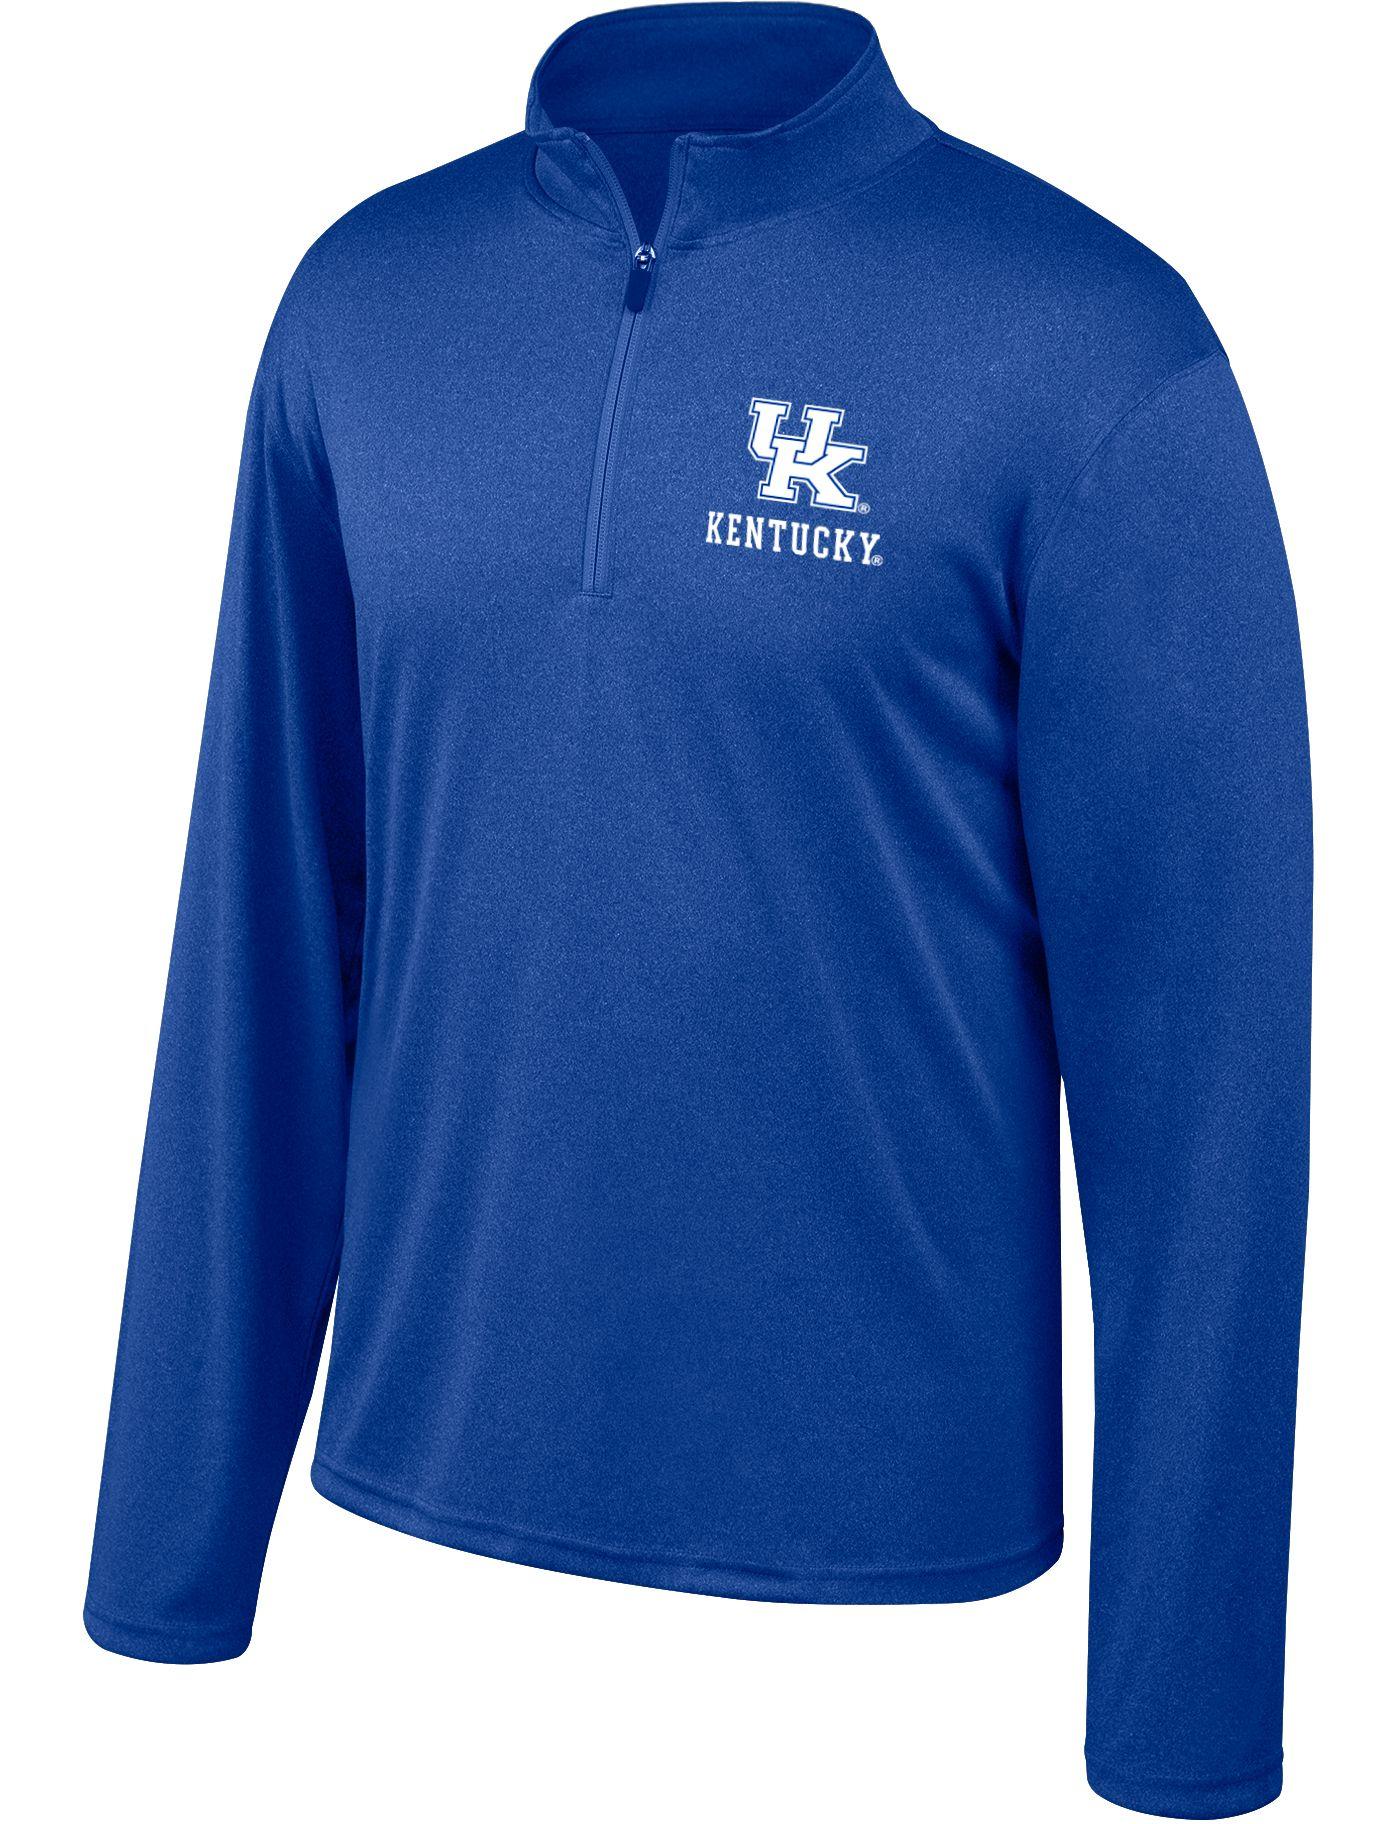 Top of the World Men's Kentucky Wildcats Blue Quarter-Zip Shirt